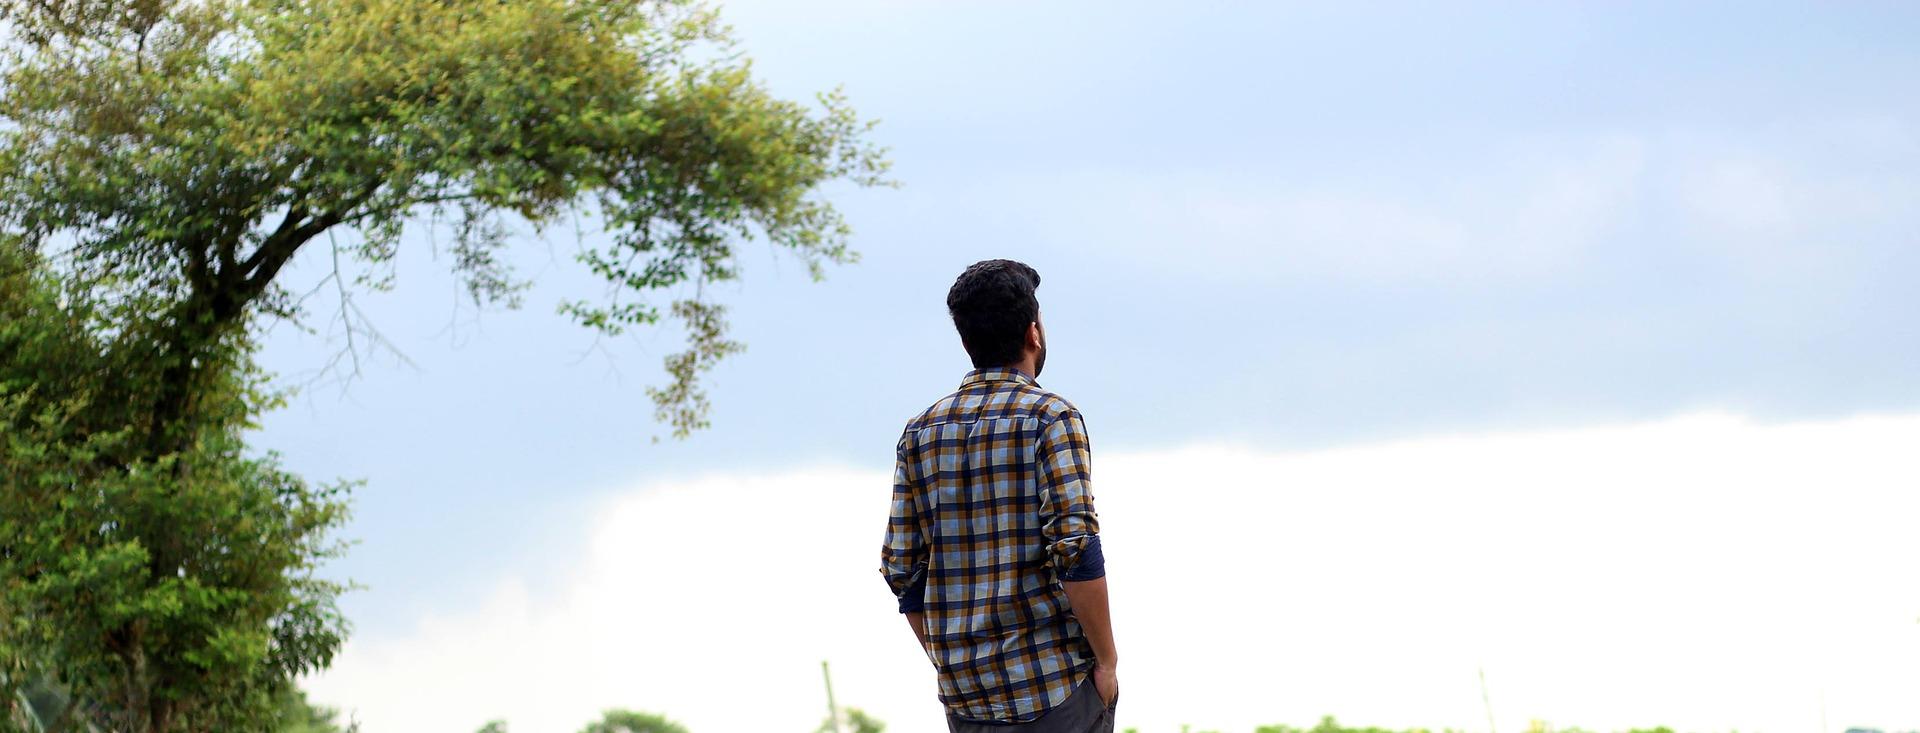 alone-boy-2528289_1920